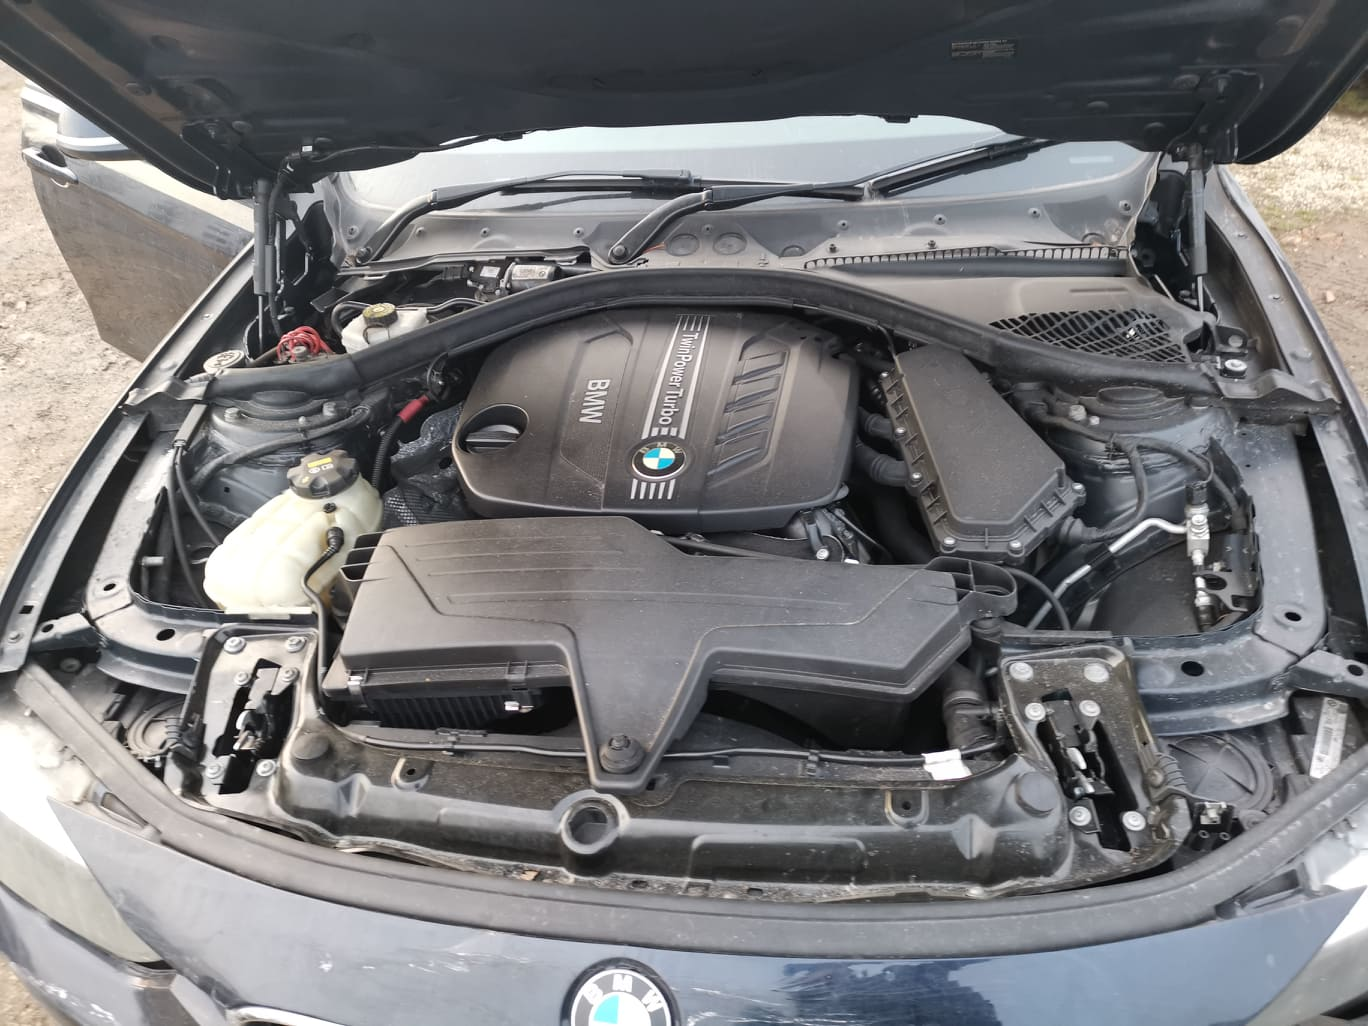 BMW alkatrészek - BMW F30 320D - Motor - Carbon Car Center Kft. Békéscsaba 022